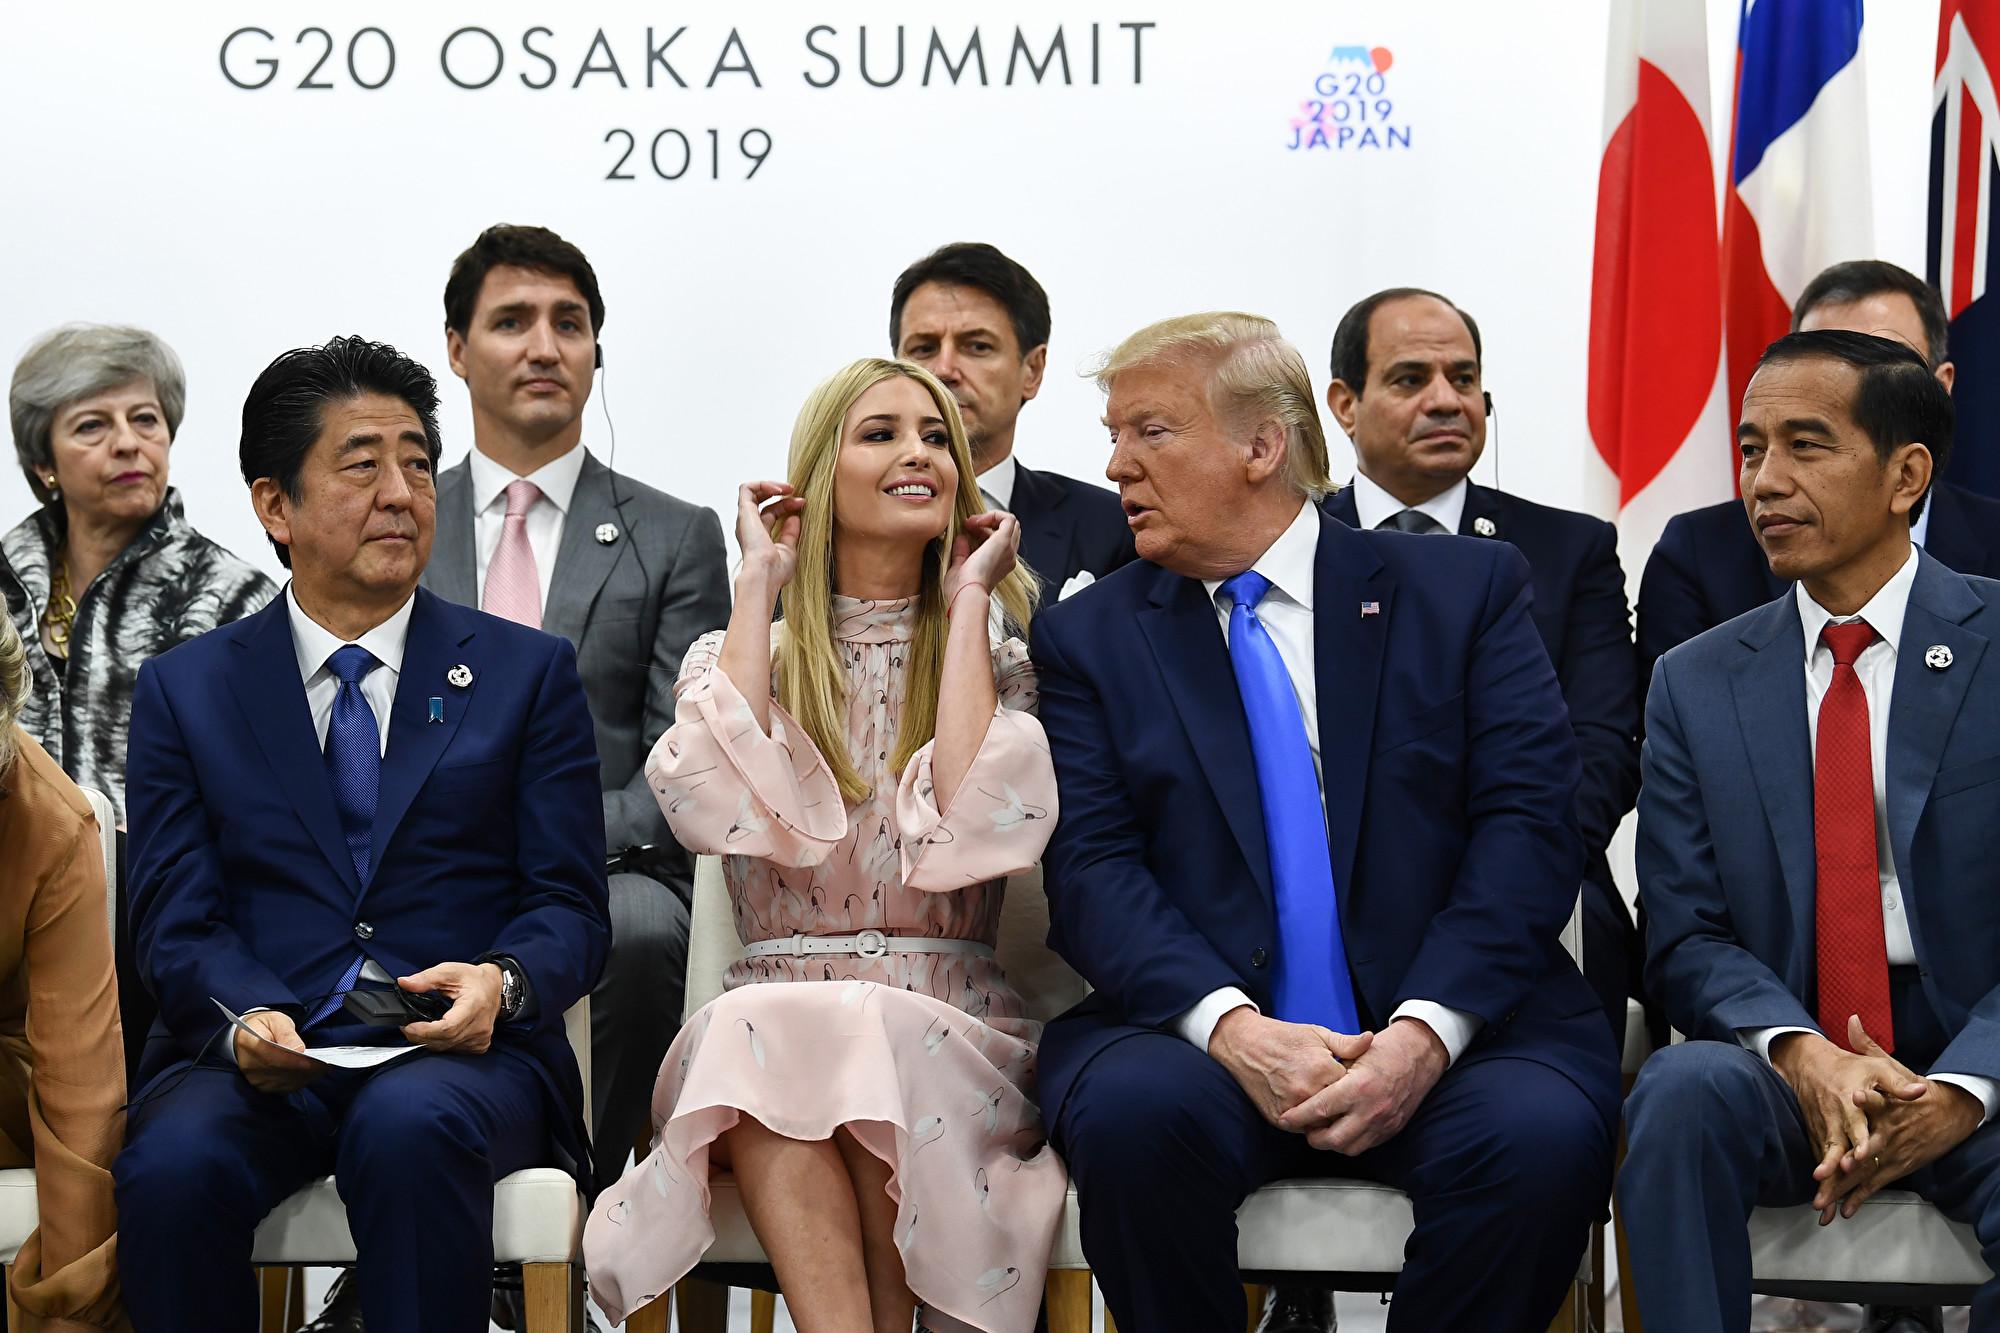 特朗普總統參加G20峰會婦女賦權會議。(Brendan Smialowski / AFP)